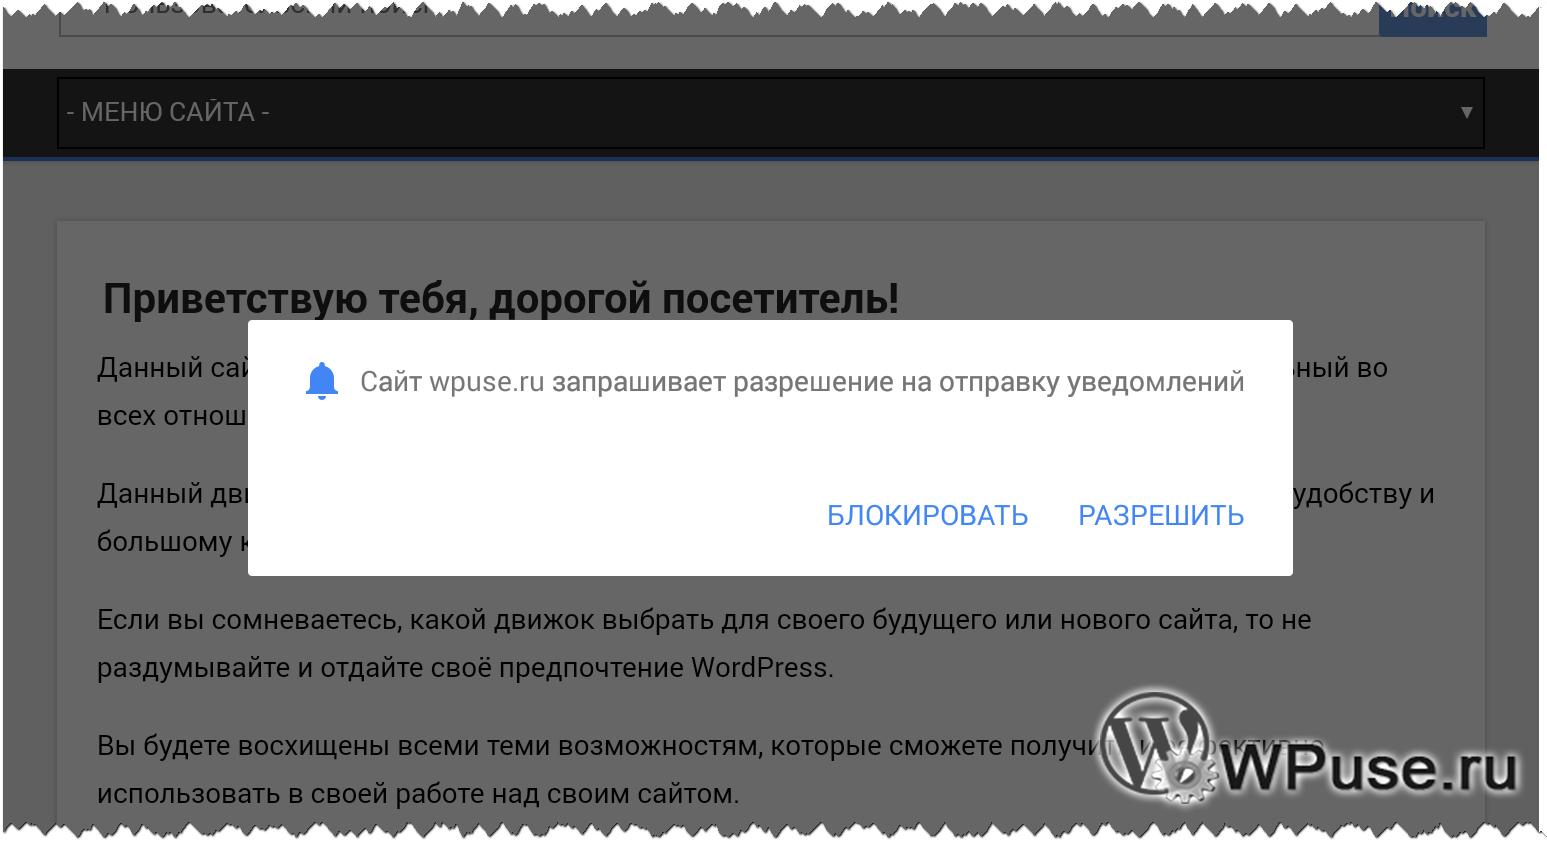 Запрос на включение оповещений с сайта в мобильном браузере Chrome - текущий вариант